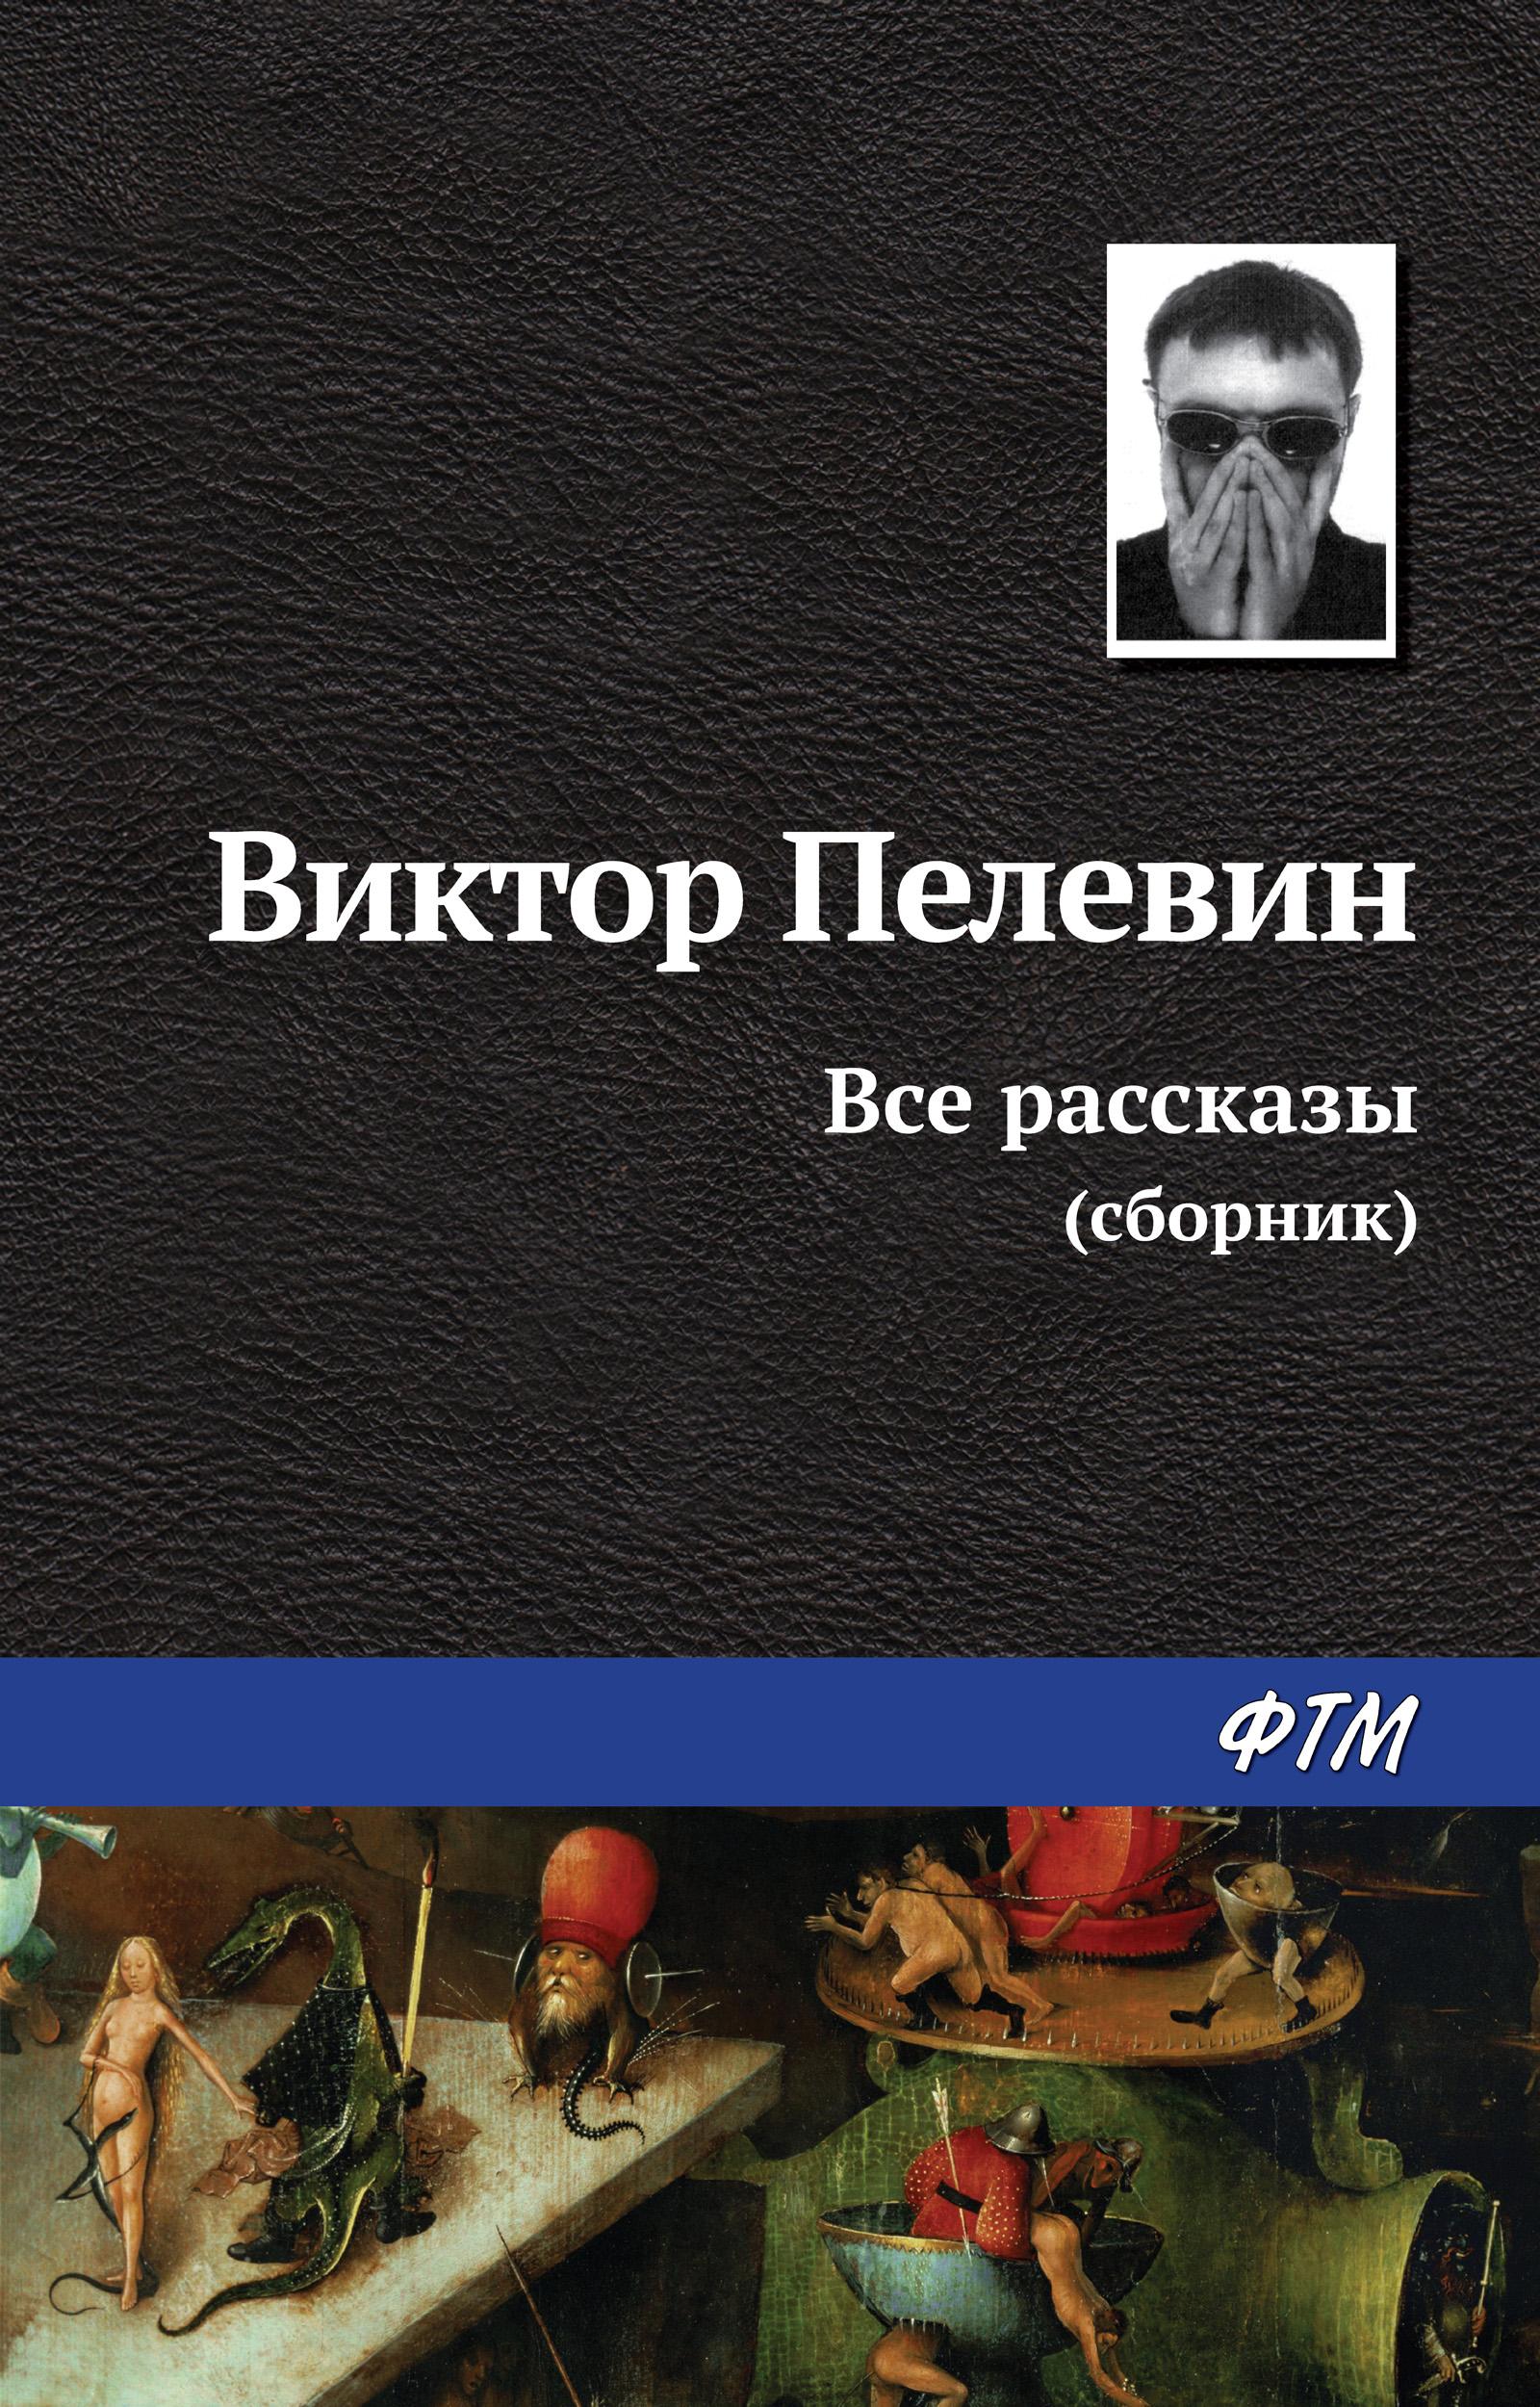 купить Виктор Пелевин Все рассказы (сборник) недорого